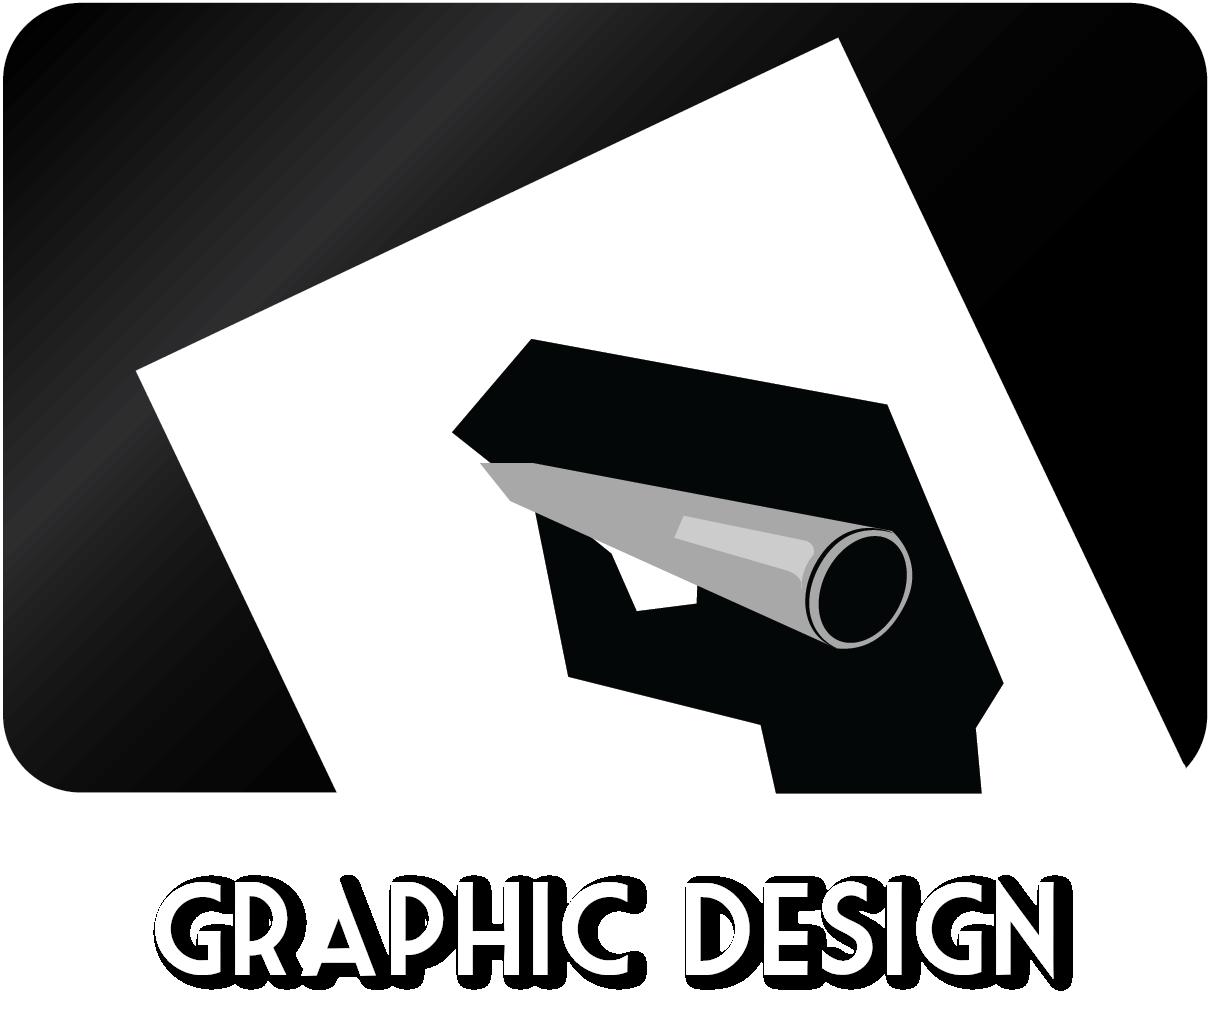 MEGA Graphic Design